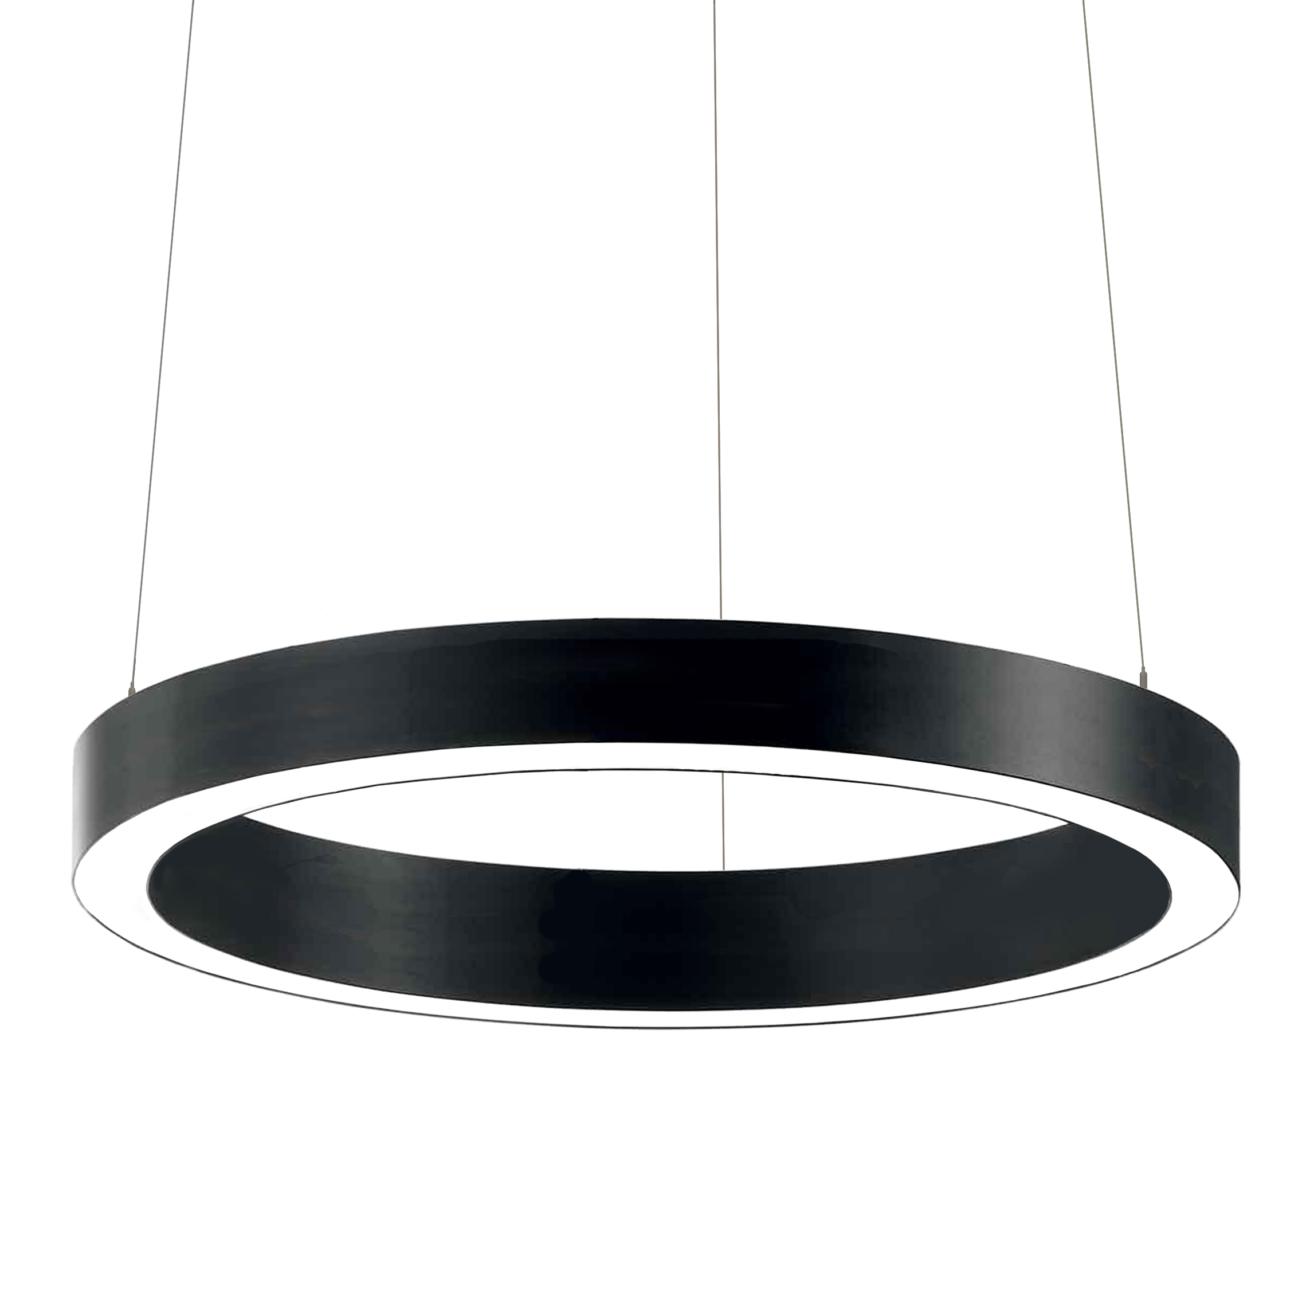 Светильник Ring 5060-600мм. 4000К/3000К. 27W/57W купить во Владимире